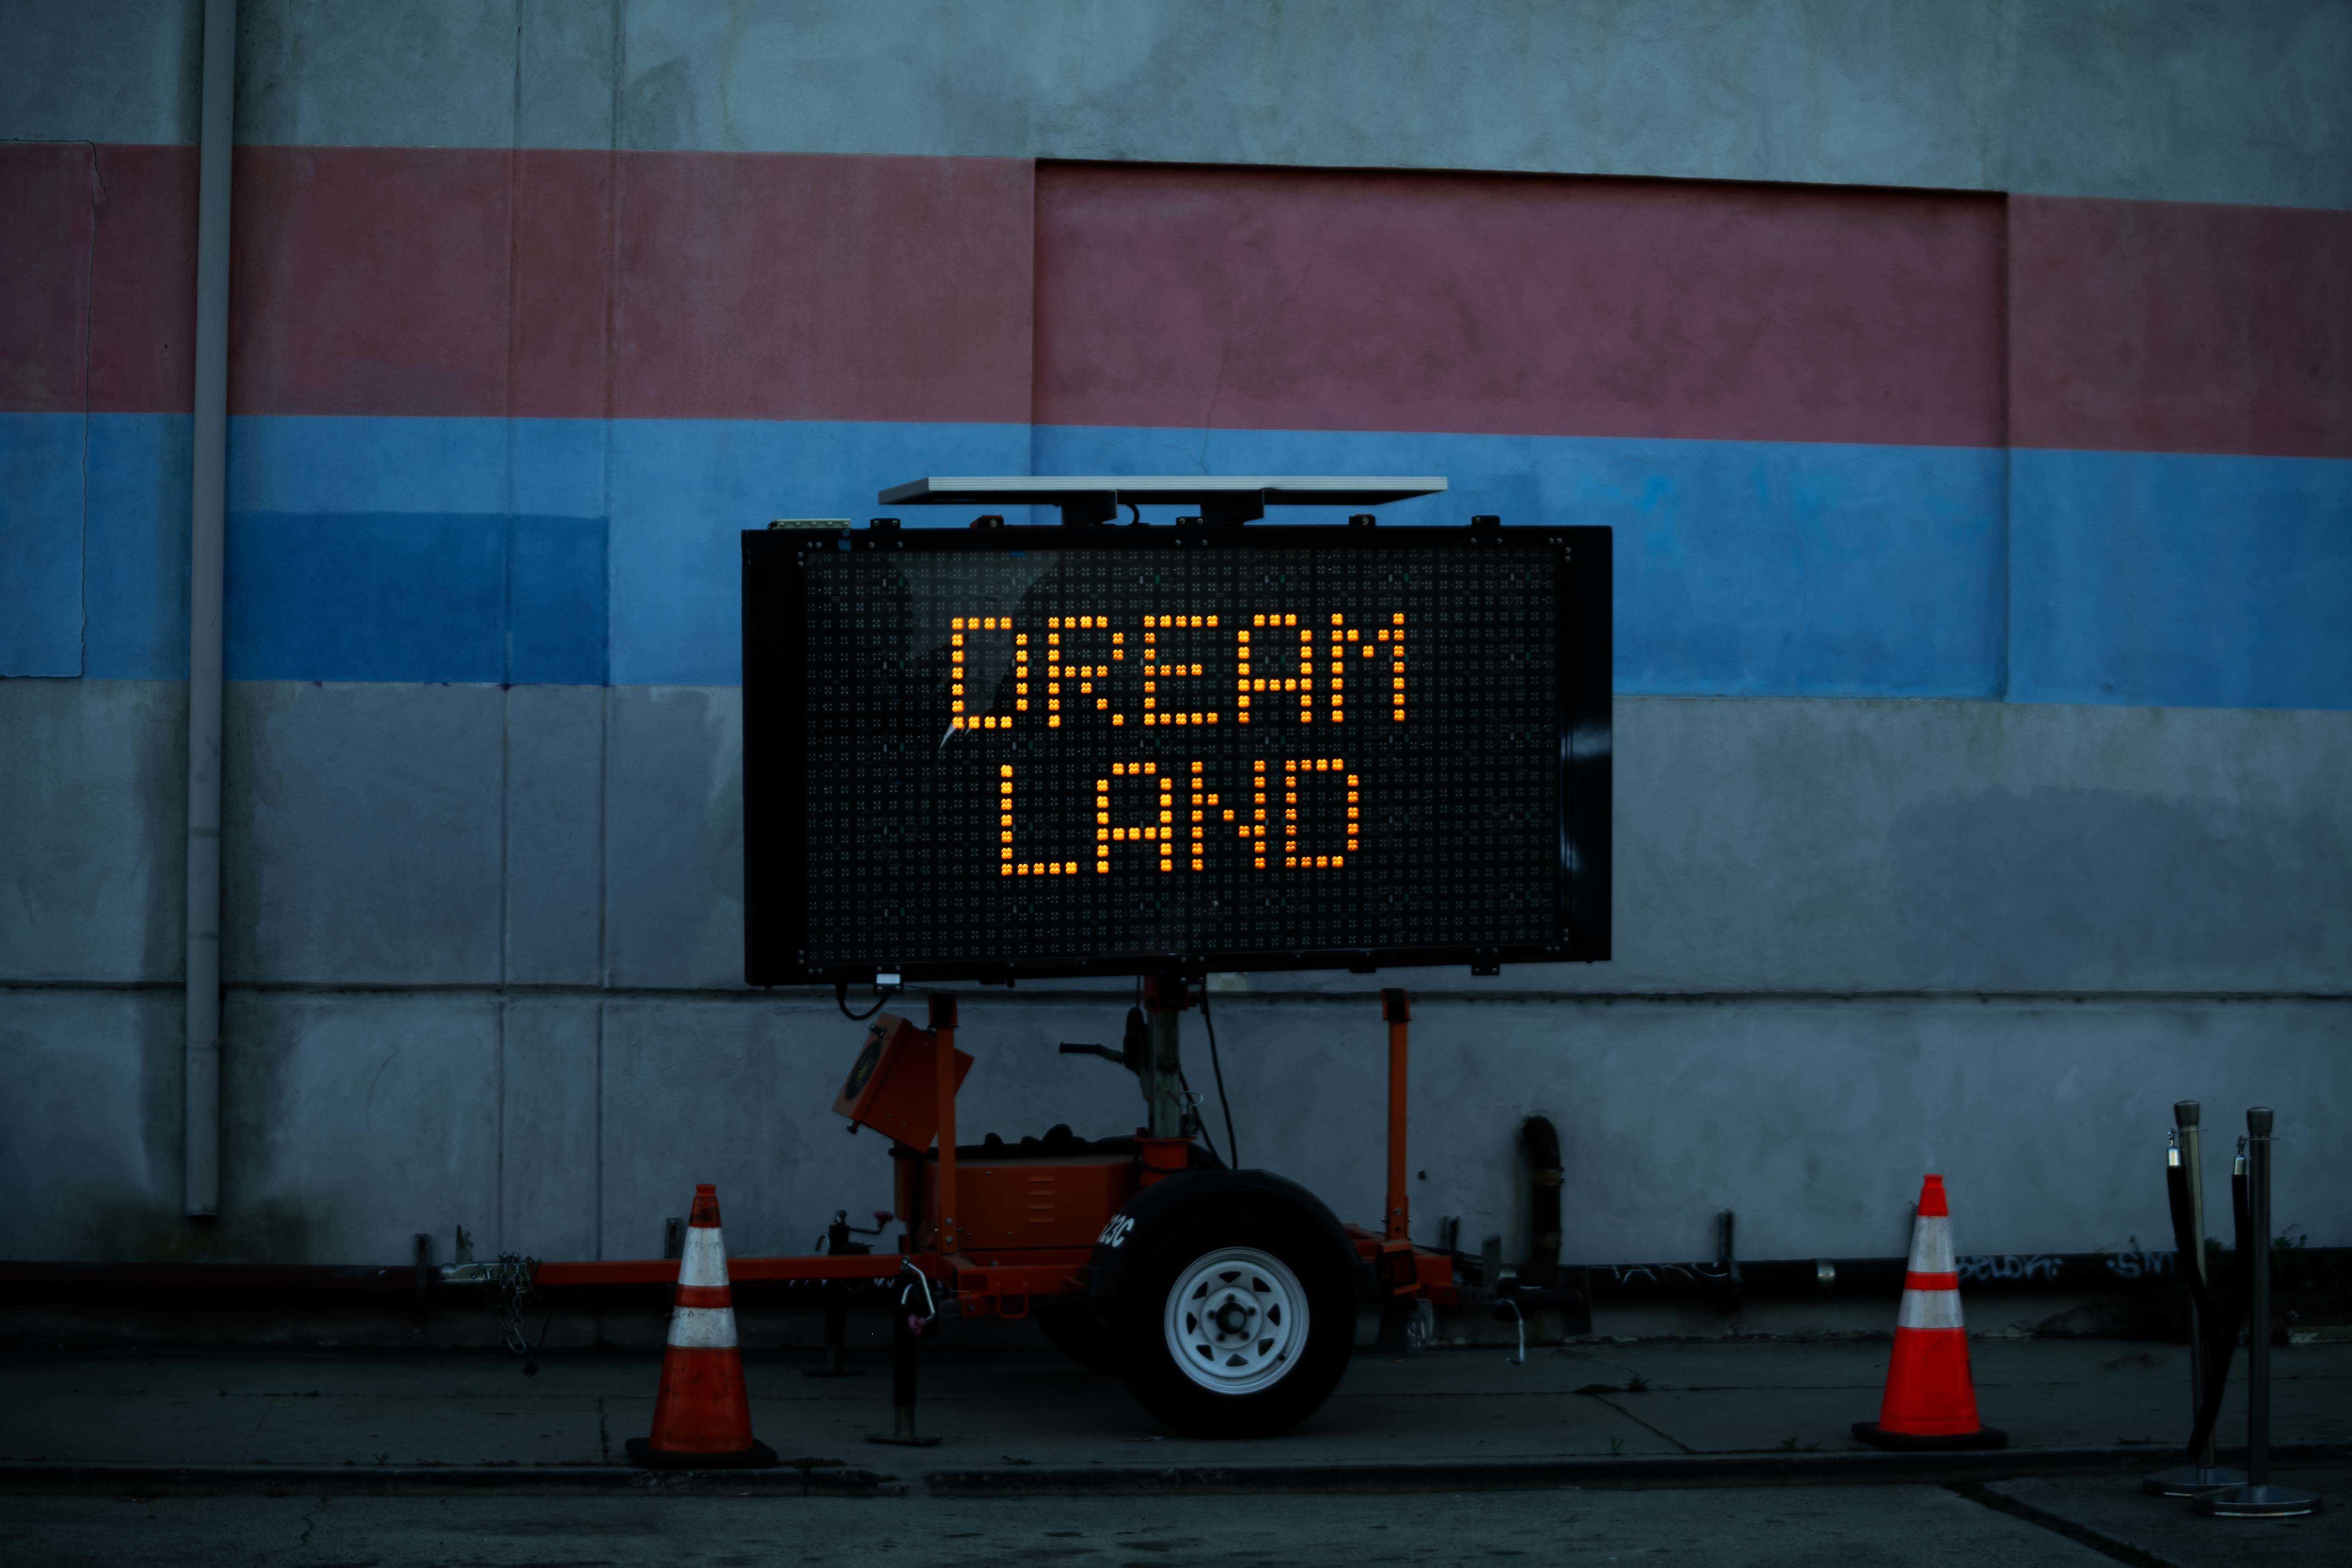 LED road sign